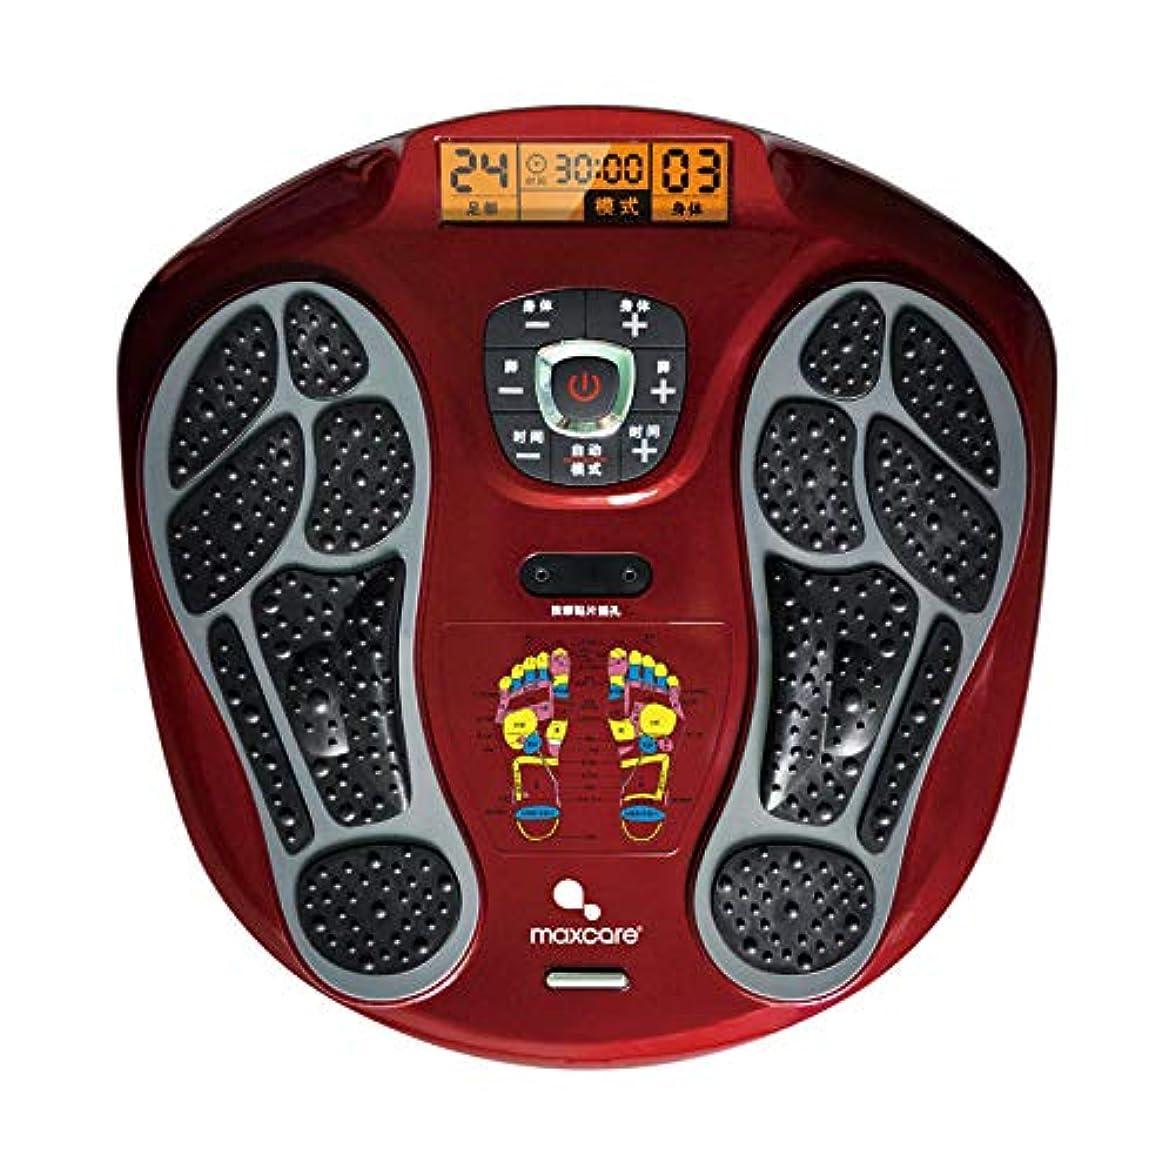 努力下手酸っぱいフルフットマッサージ体験のための、熱付きフットマッサージャー、LEDディスプレイスクリーンリラックス疲れて痛む足